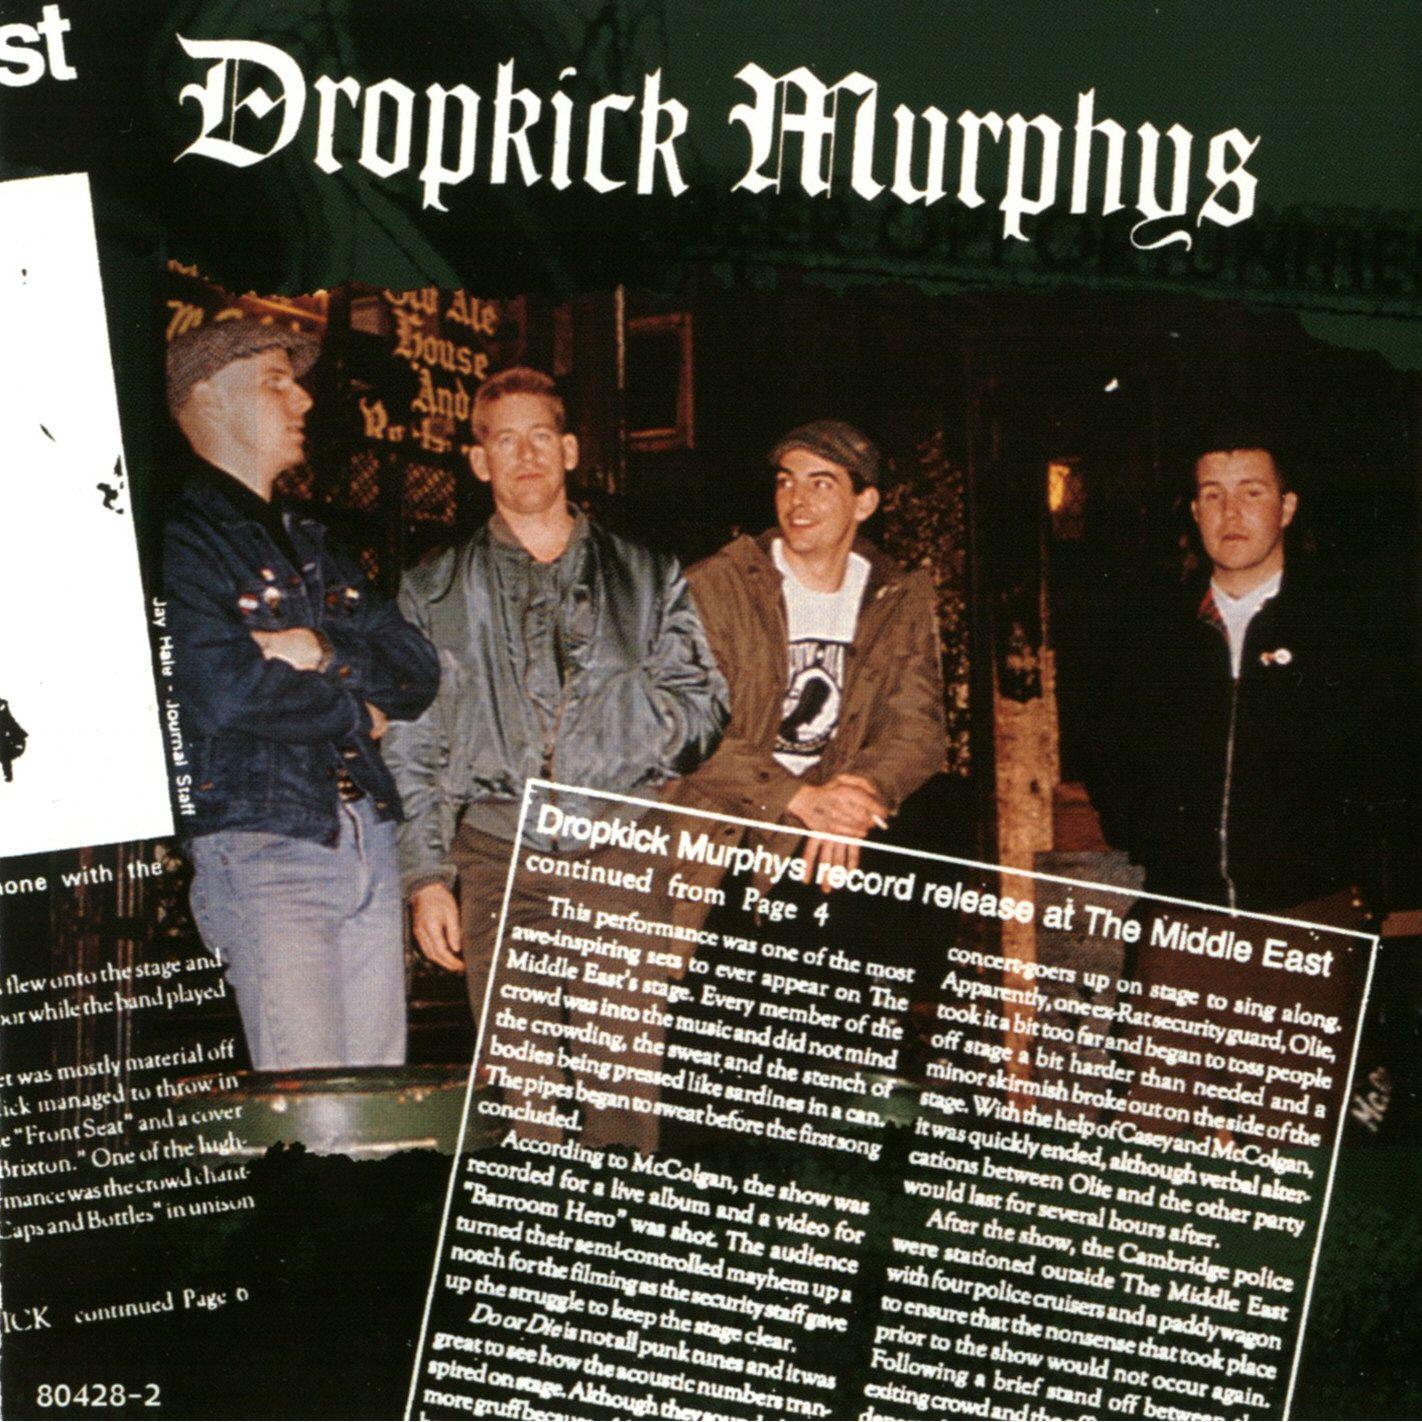 AtuQtuQ-AsKatu: Dropkick Murphys